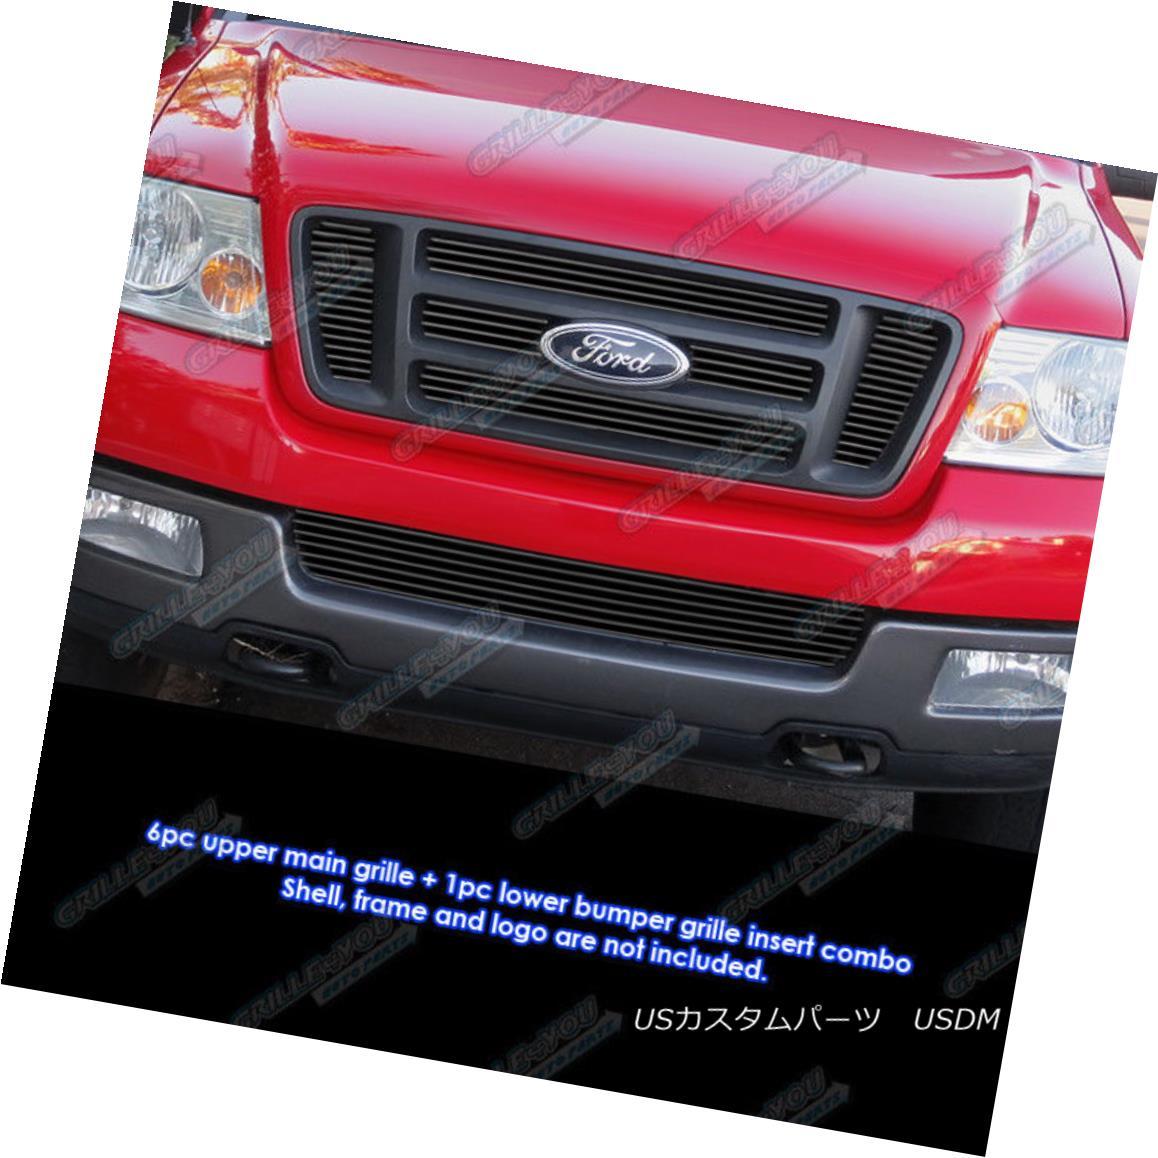 グリル Fits 2004-2005 Ford F-150 Bar Style Black Billet Grille Grill Insert Combo フィット2004-2005フォードF - 150バースタイルブラックビレットグリルグリルインサートコンボ